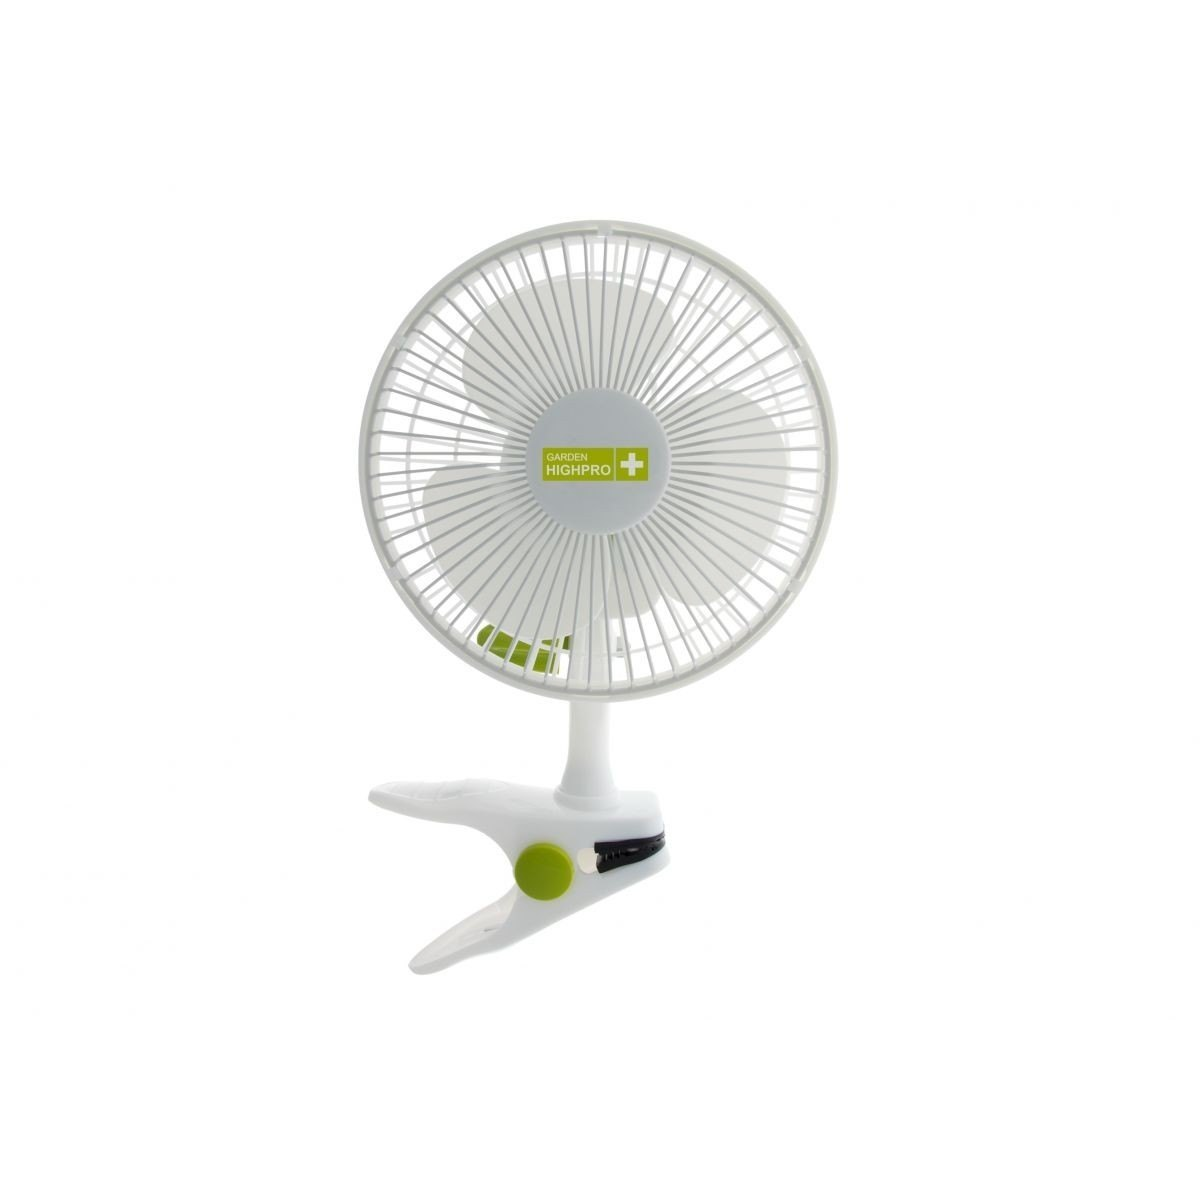 Ventilador ClipFan Garden Highpro 15 cms 15 w